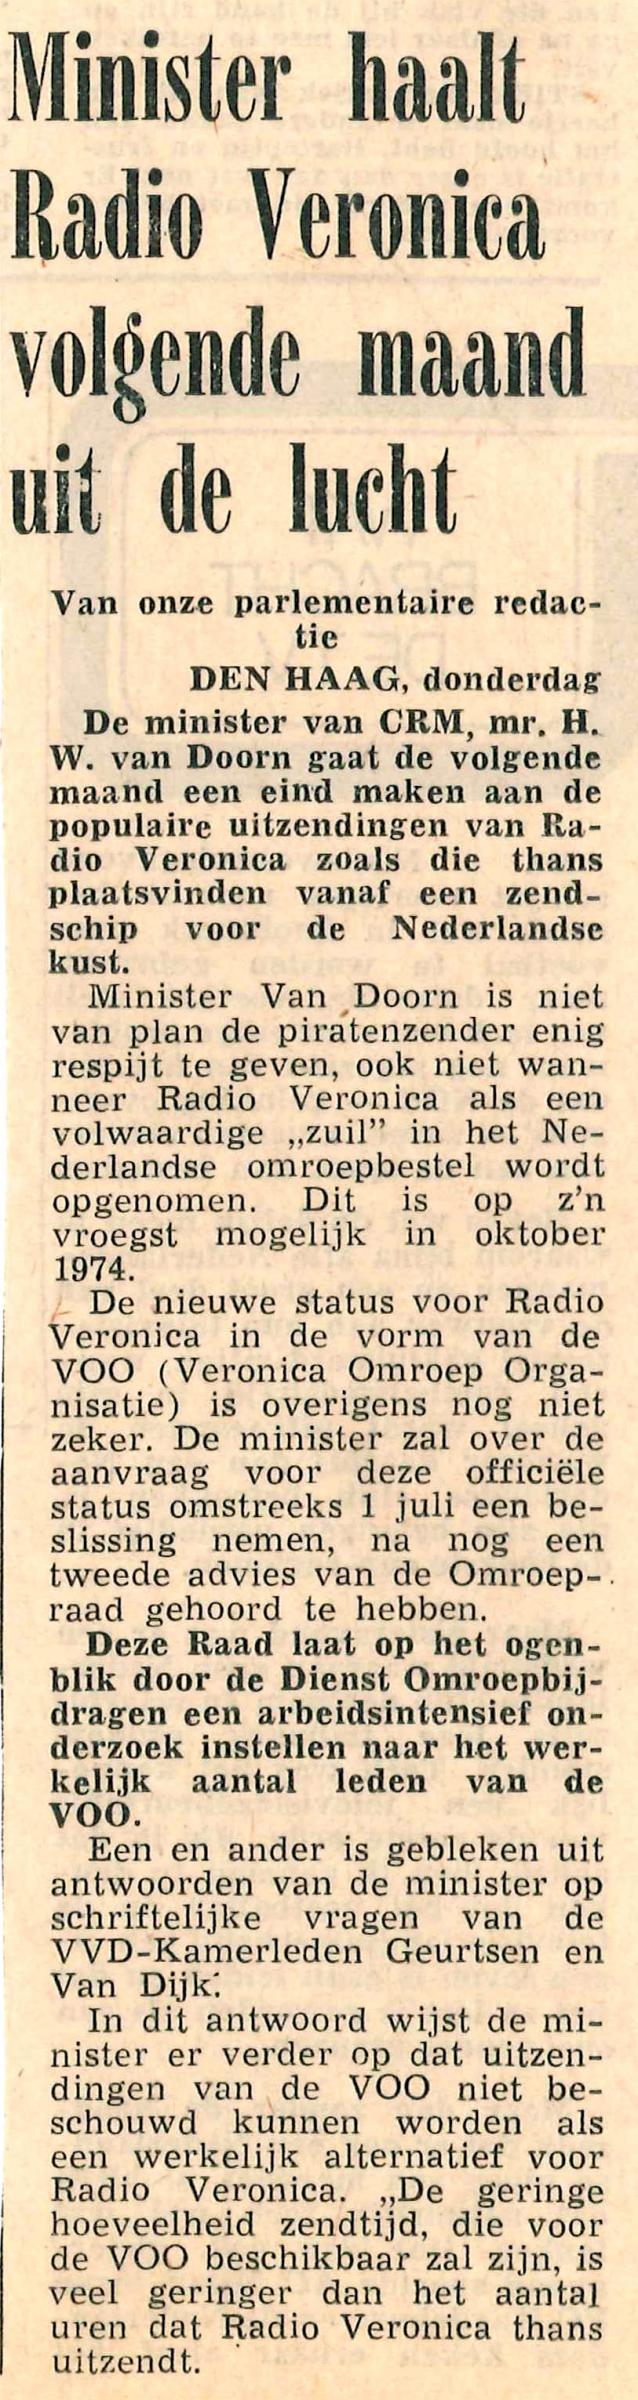 19740509_AD_Min_haalt_Veronica_uit_de_lucht.jpg